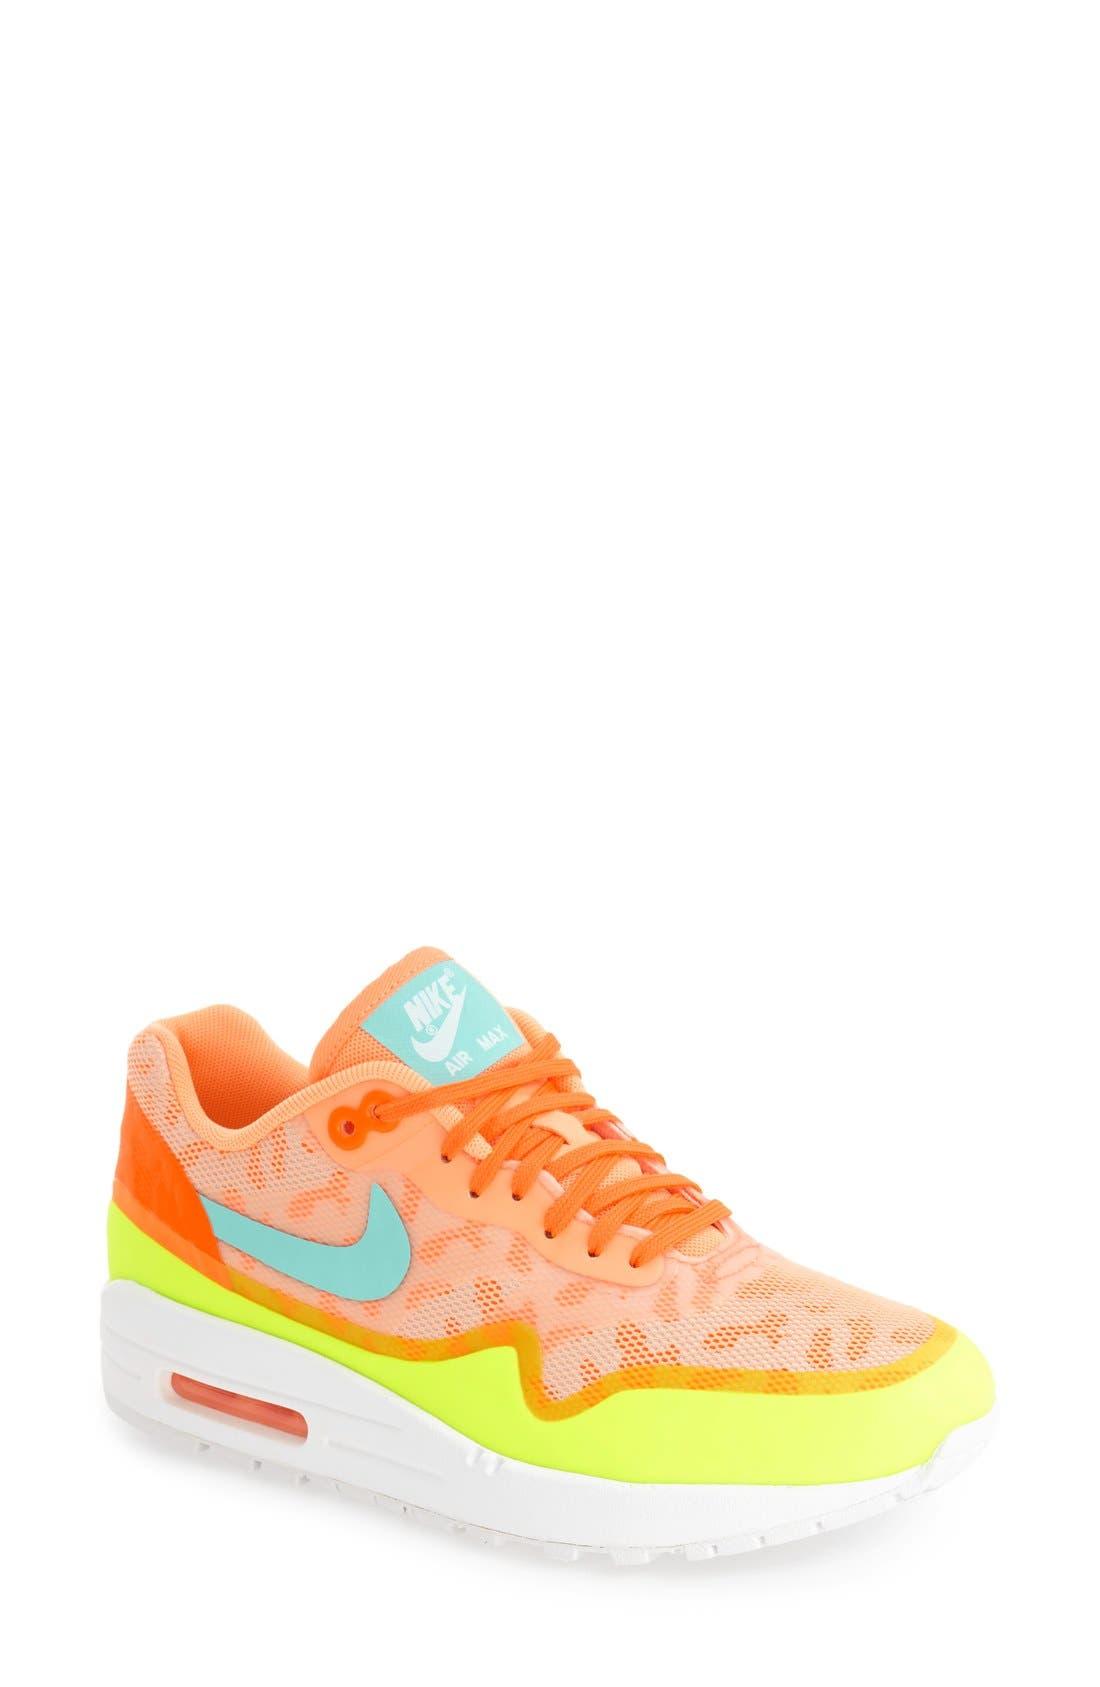 Alternate Image 1 Selected - Nike 'Air Max 1 NS' Sneaker (Women)